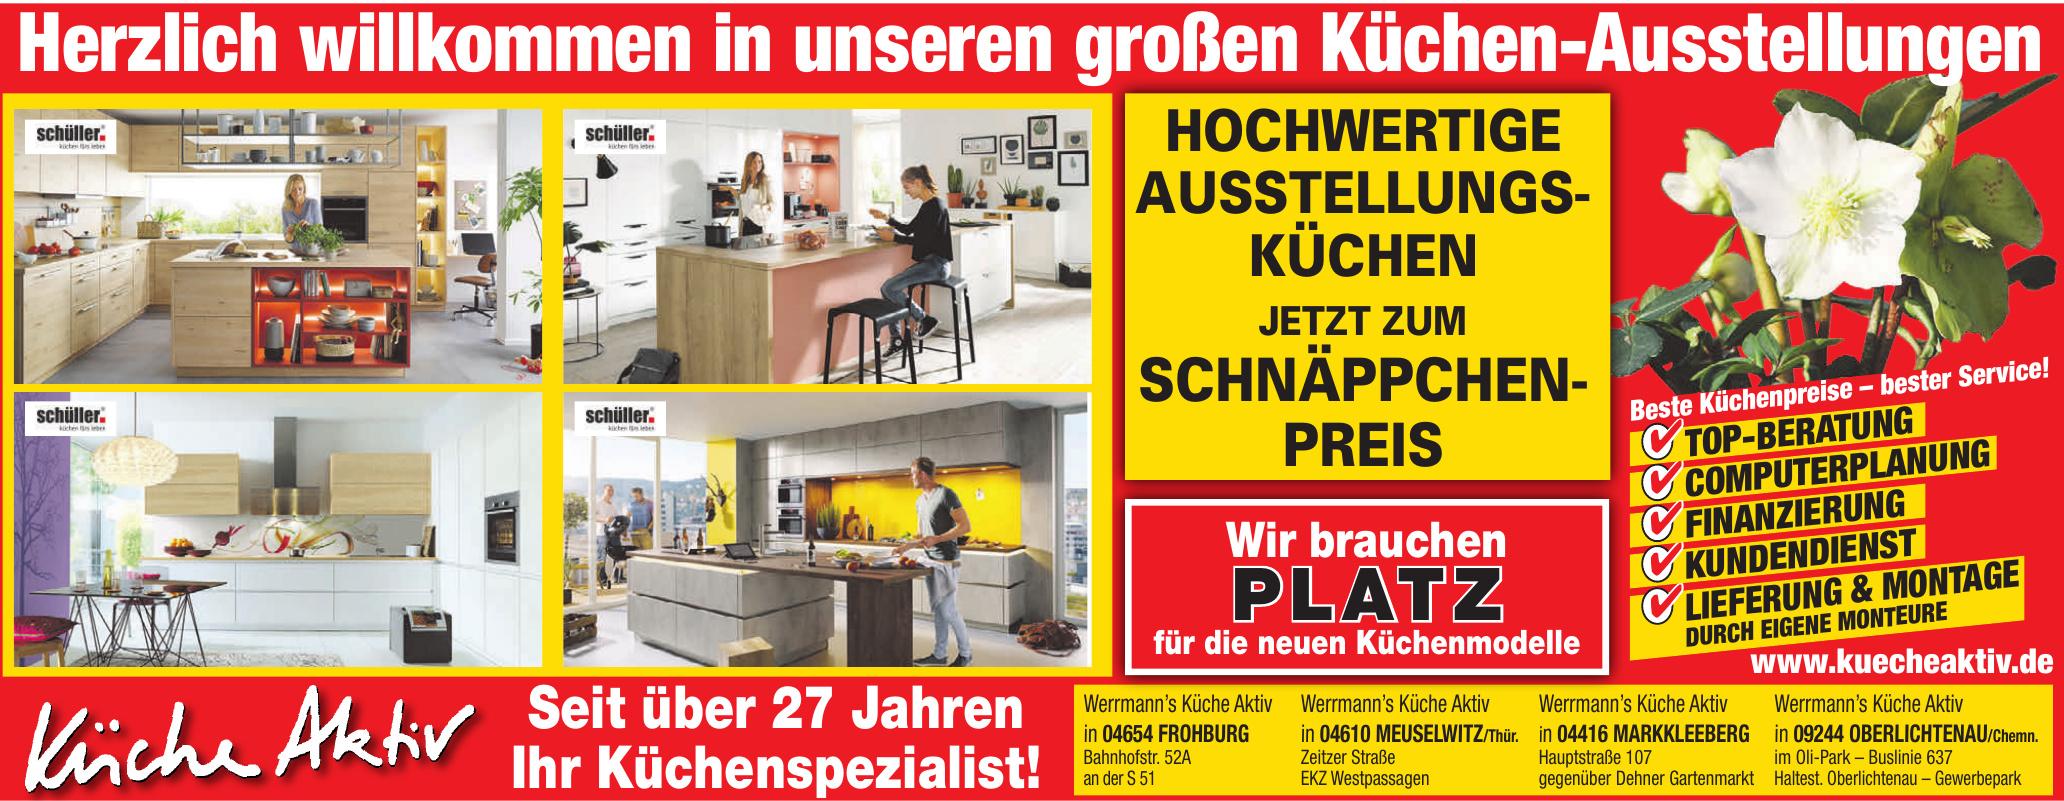 Werrmann's Küche Aktiv